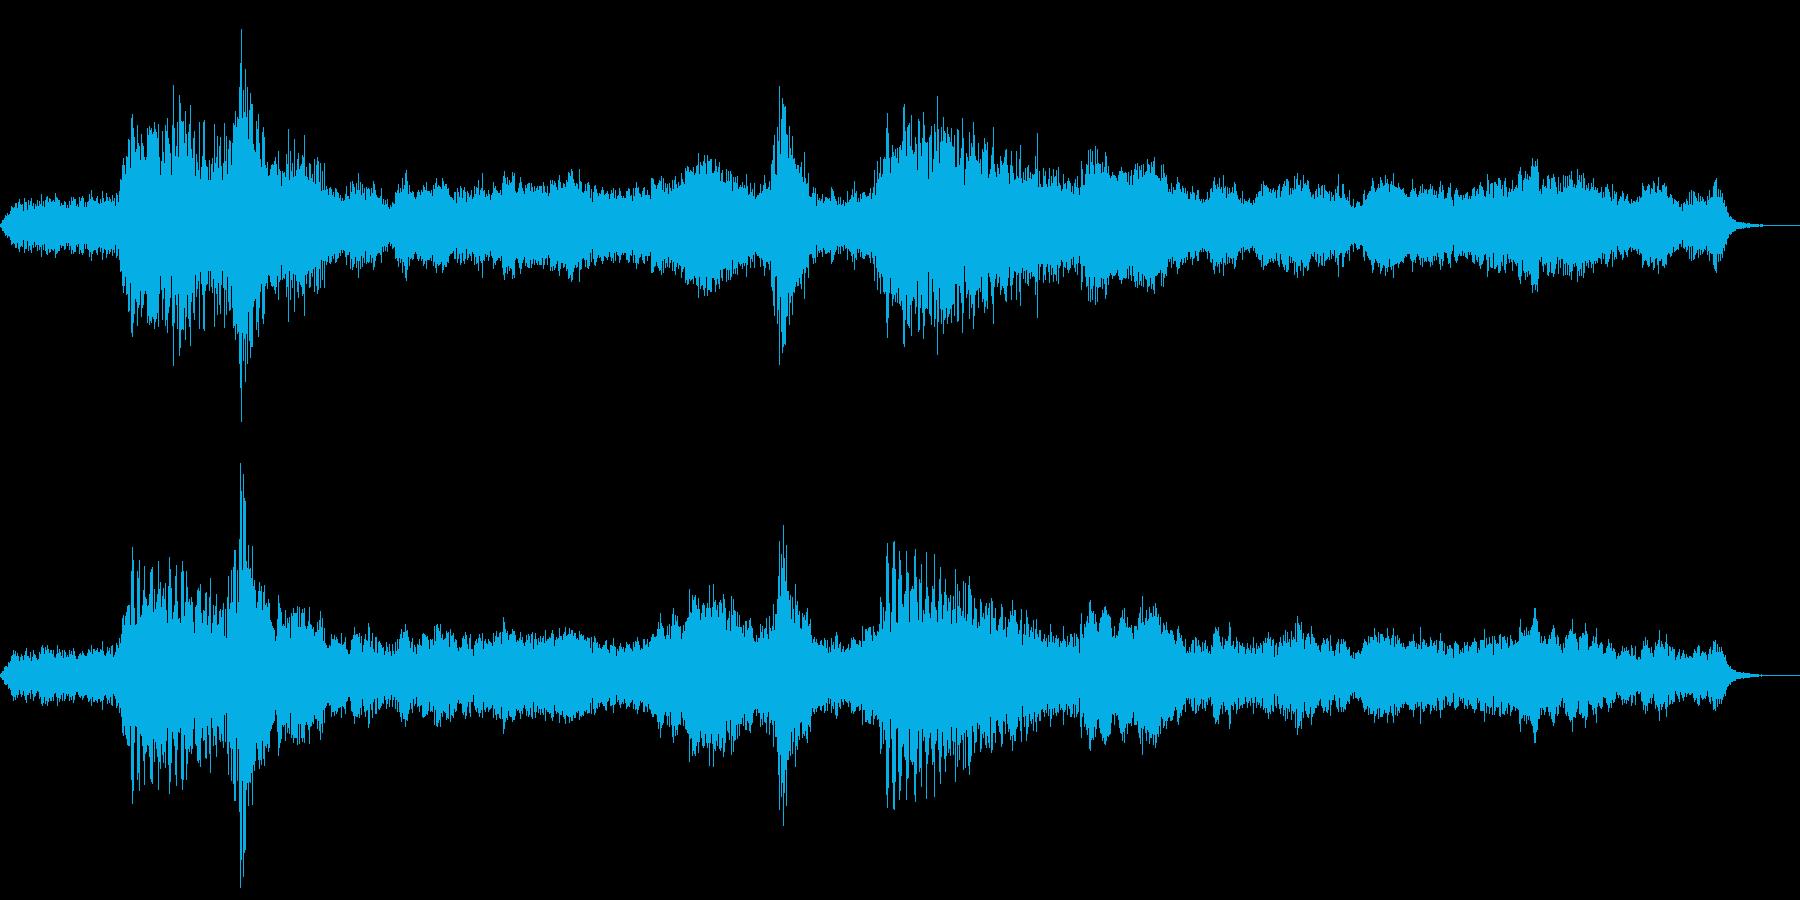 映画寄りの静かなホラーBGMの再生済みの波形